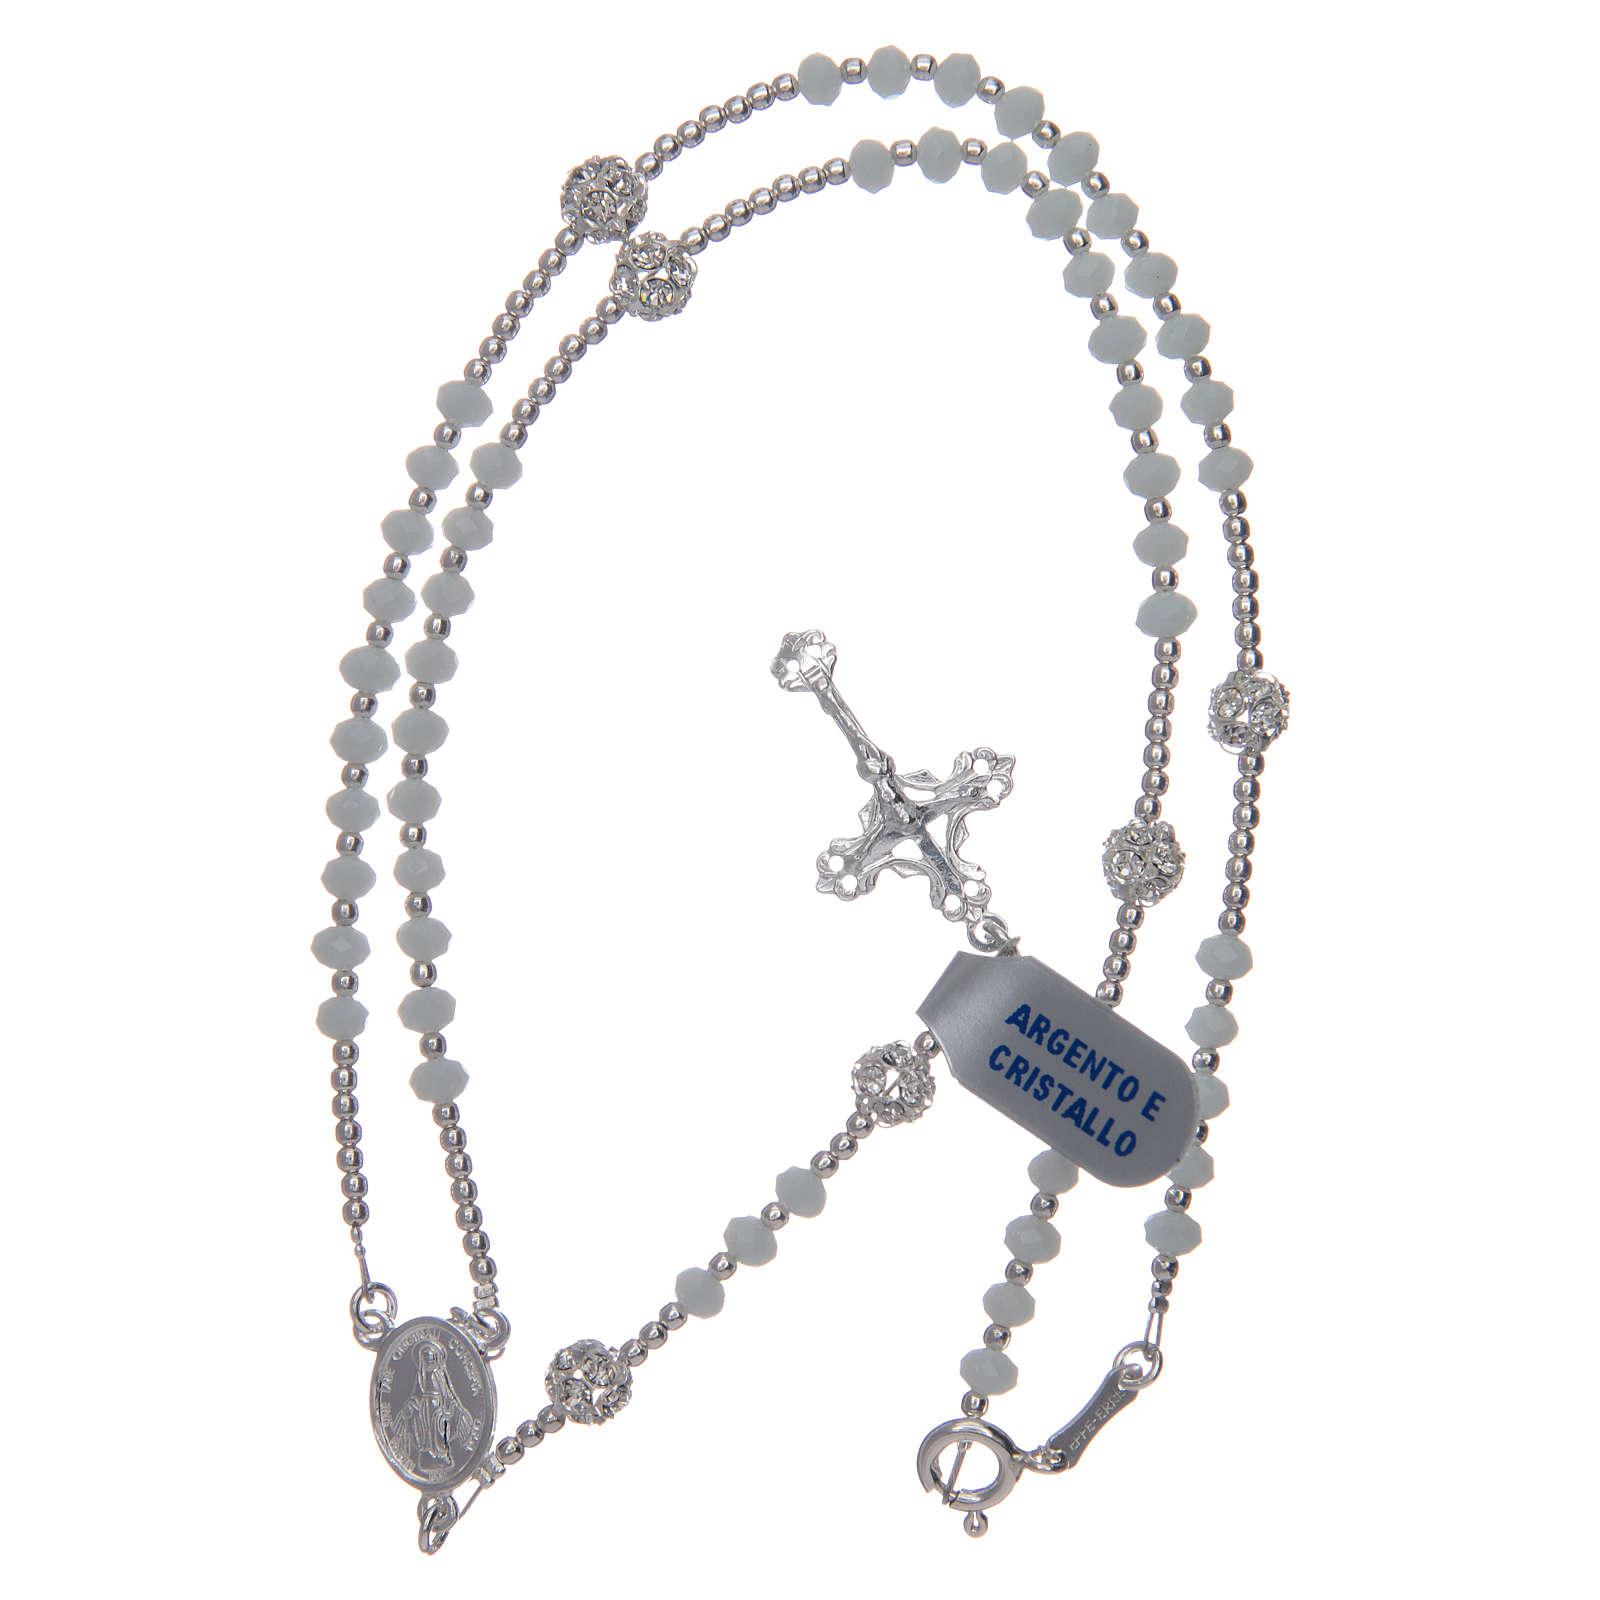 Rosario de plata 925 y cristal transparente 3 mm 4